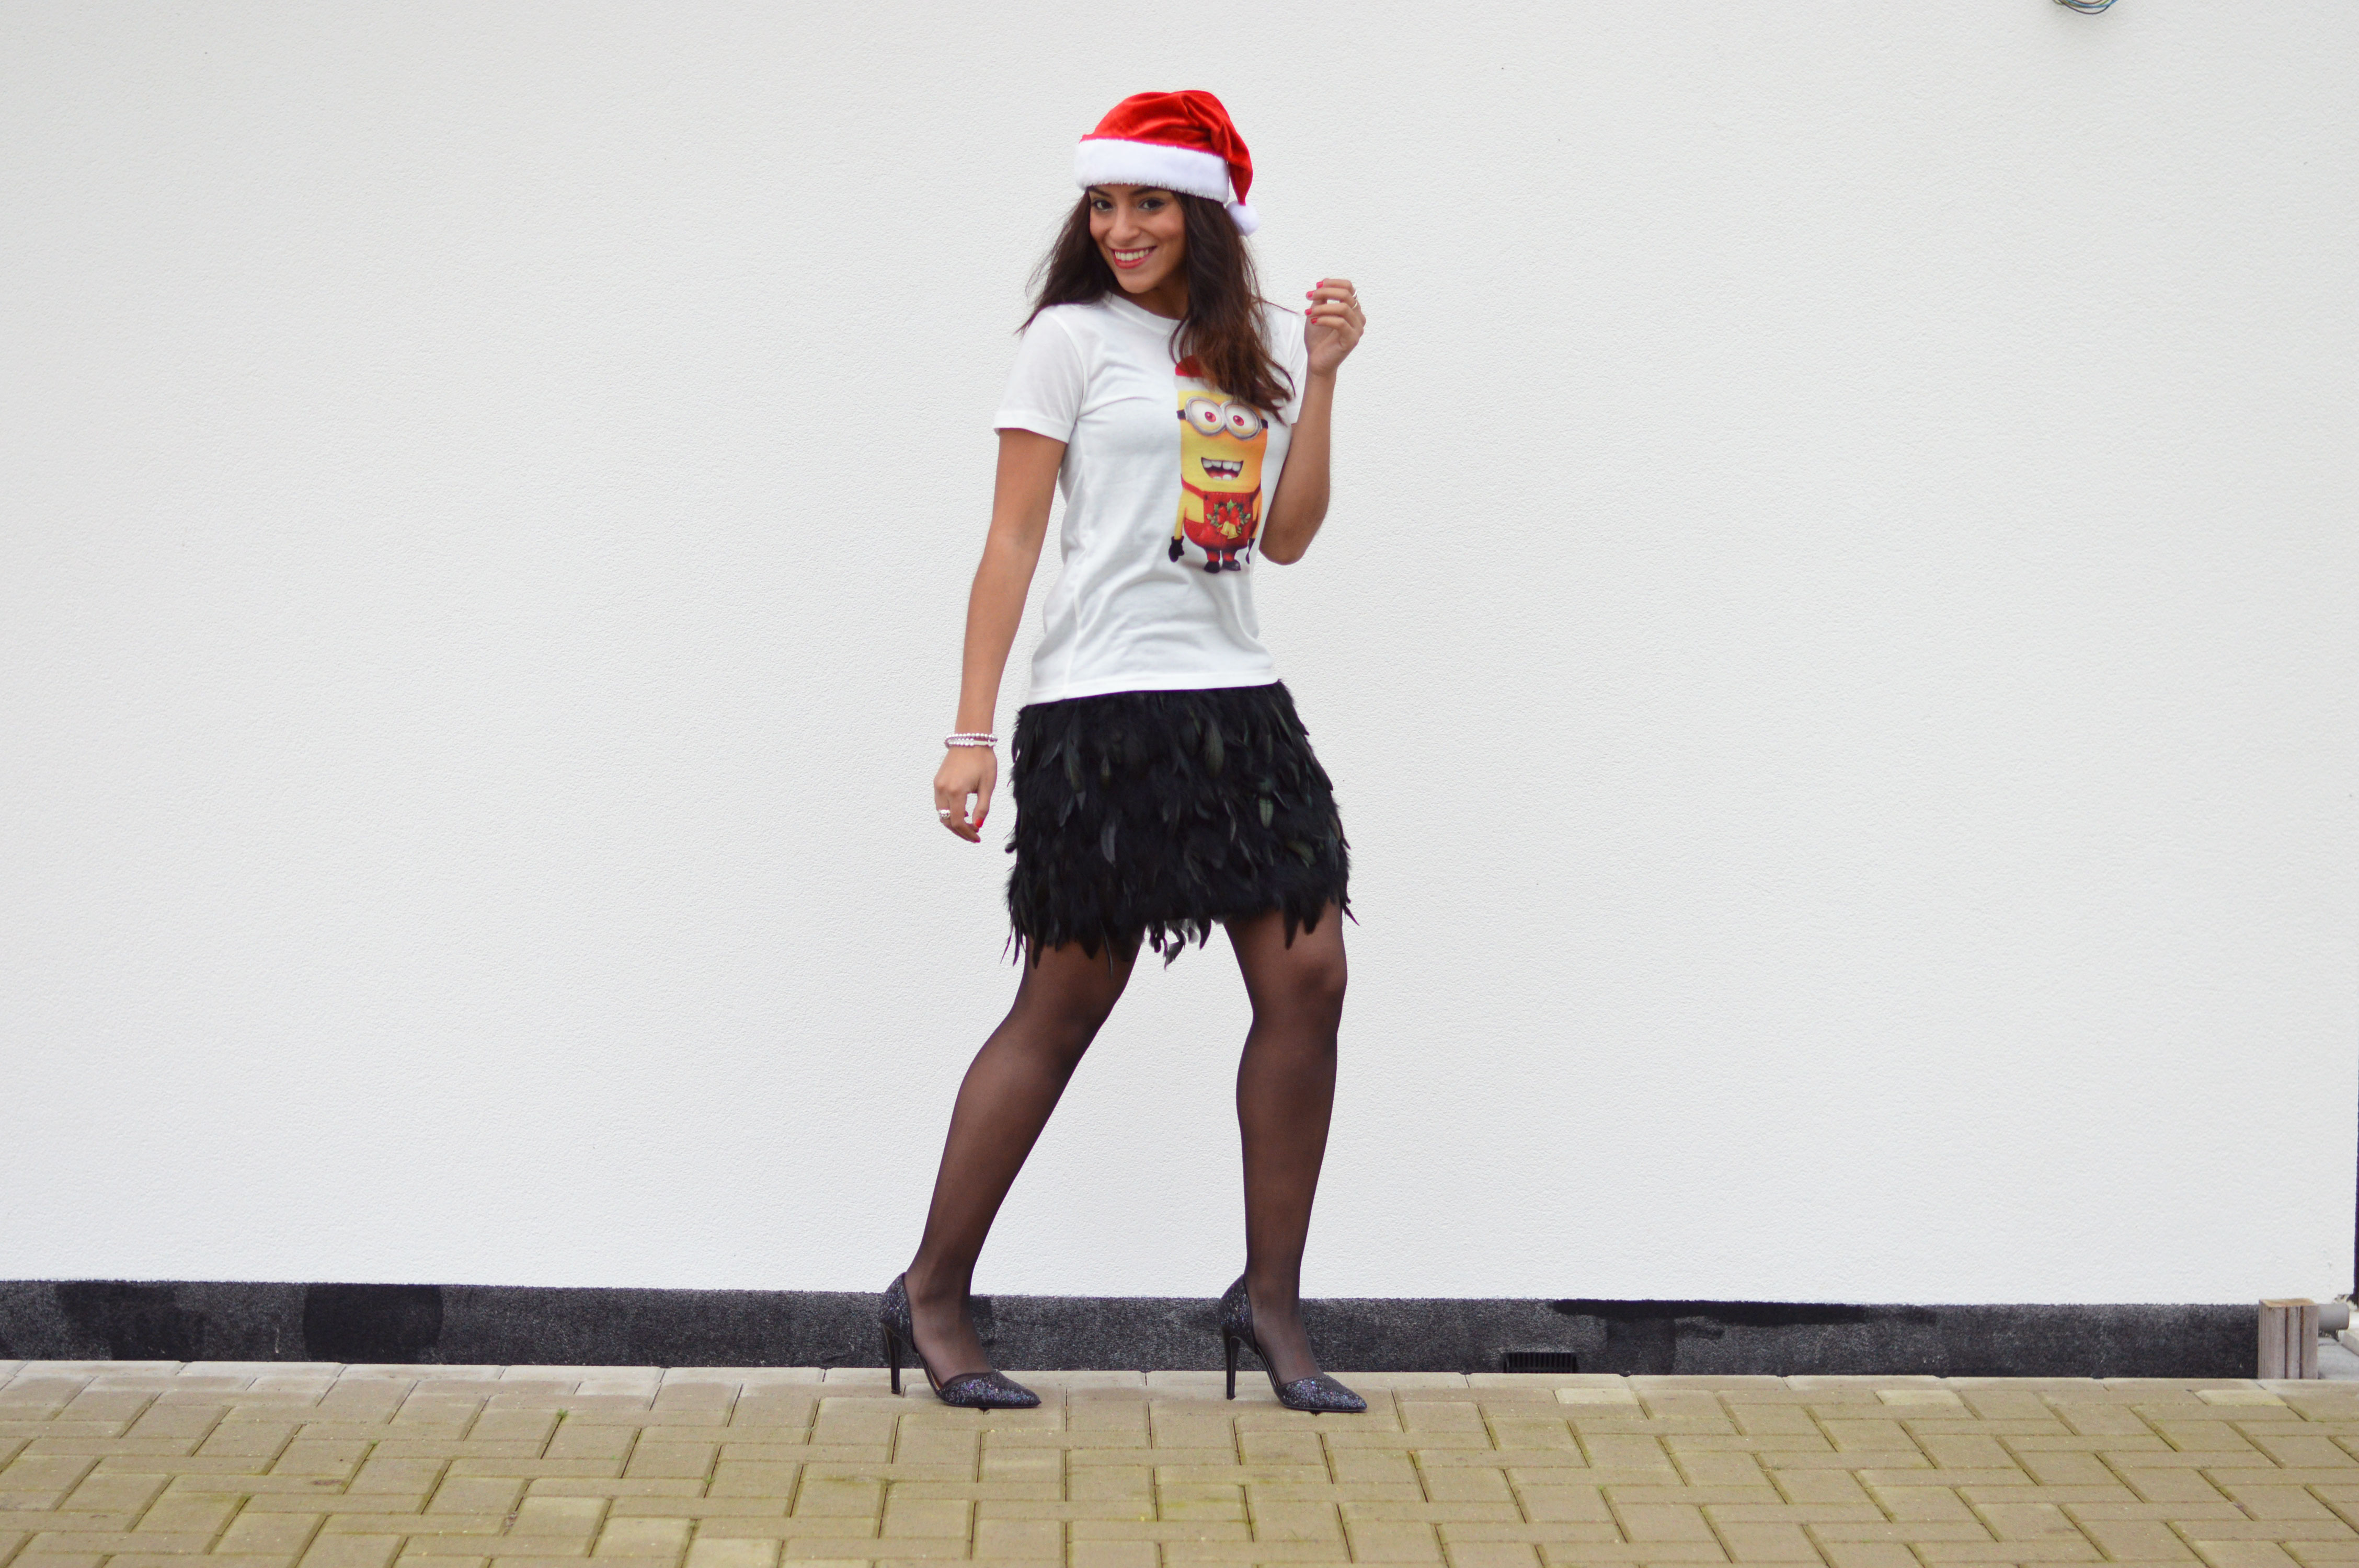 christmasgreetings4